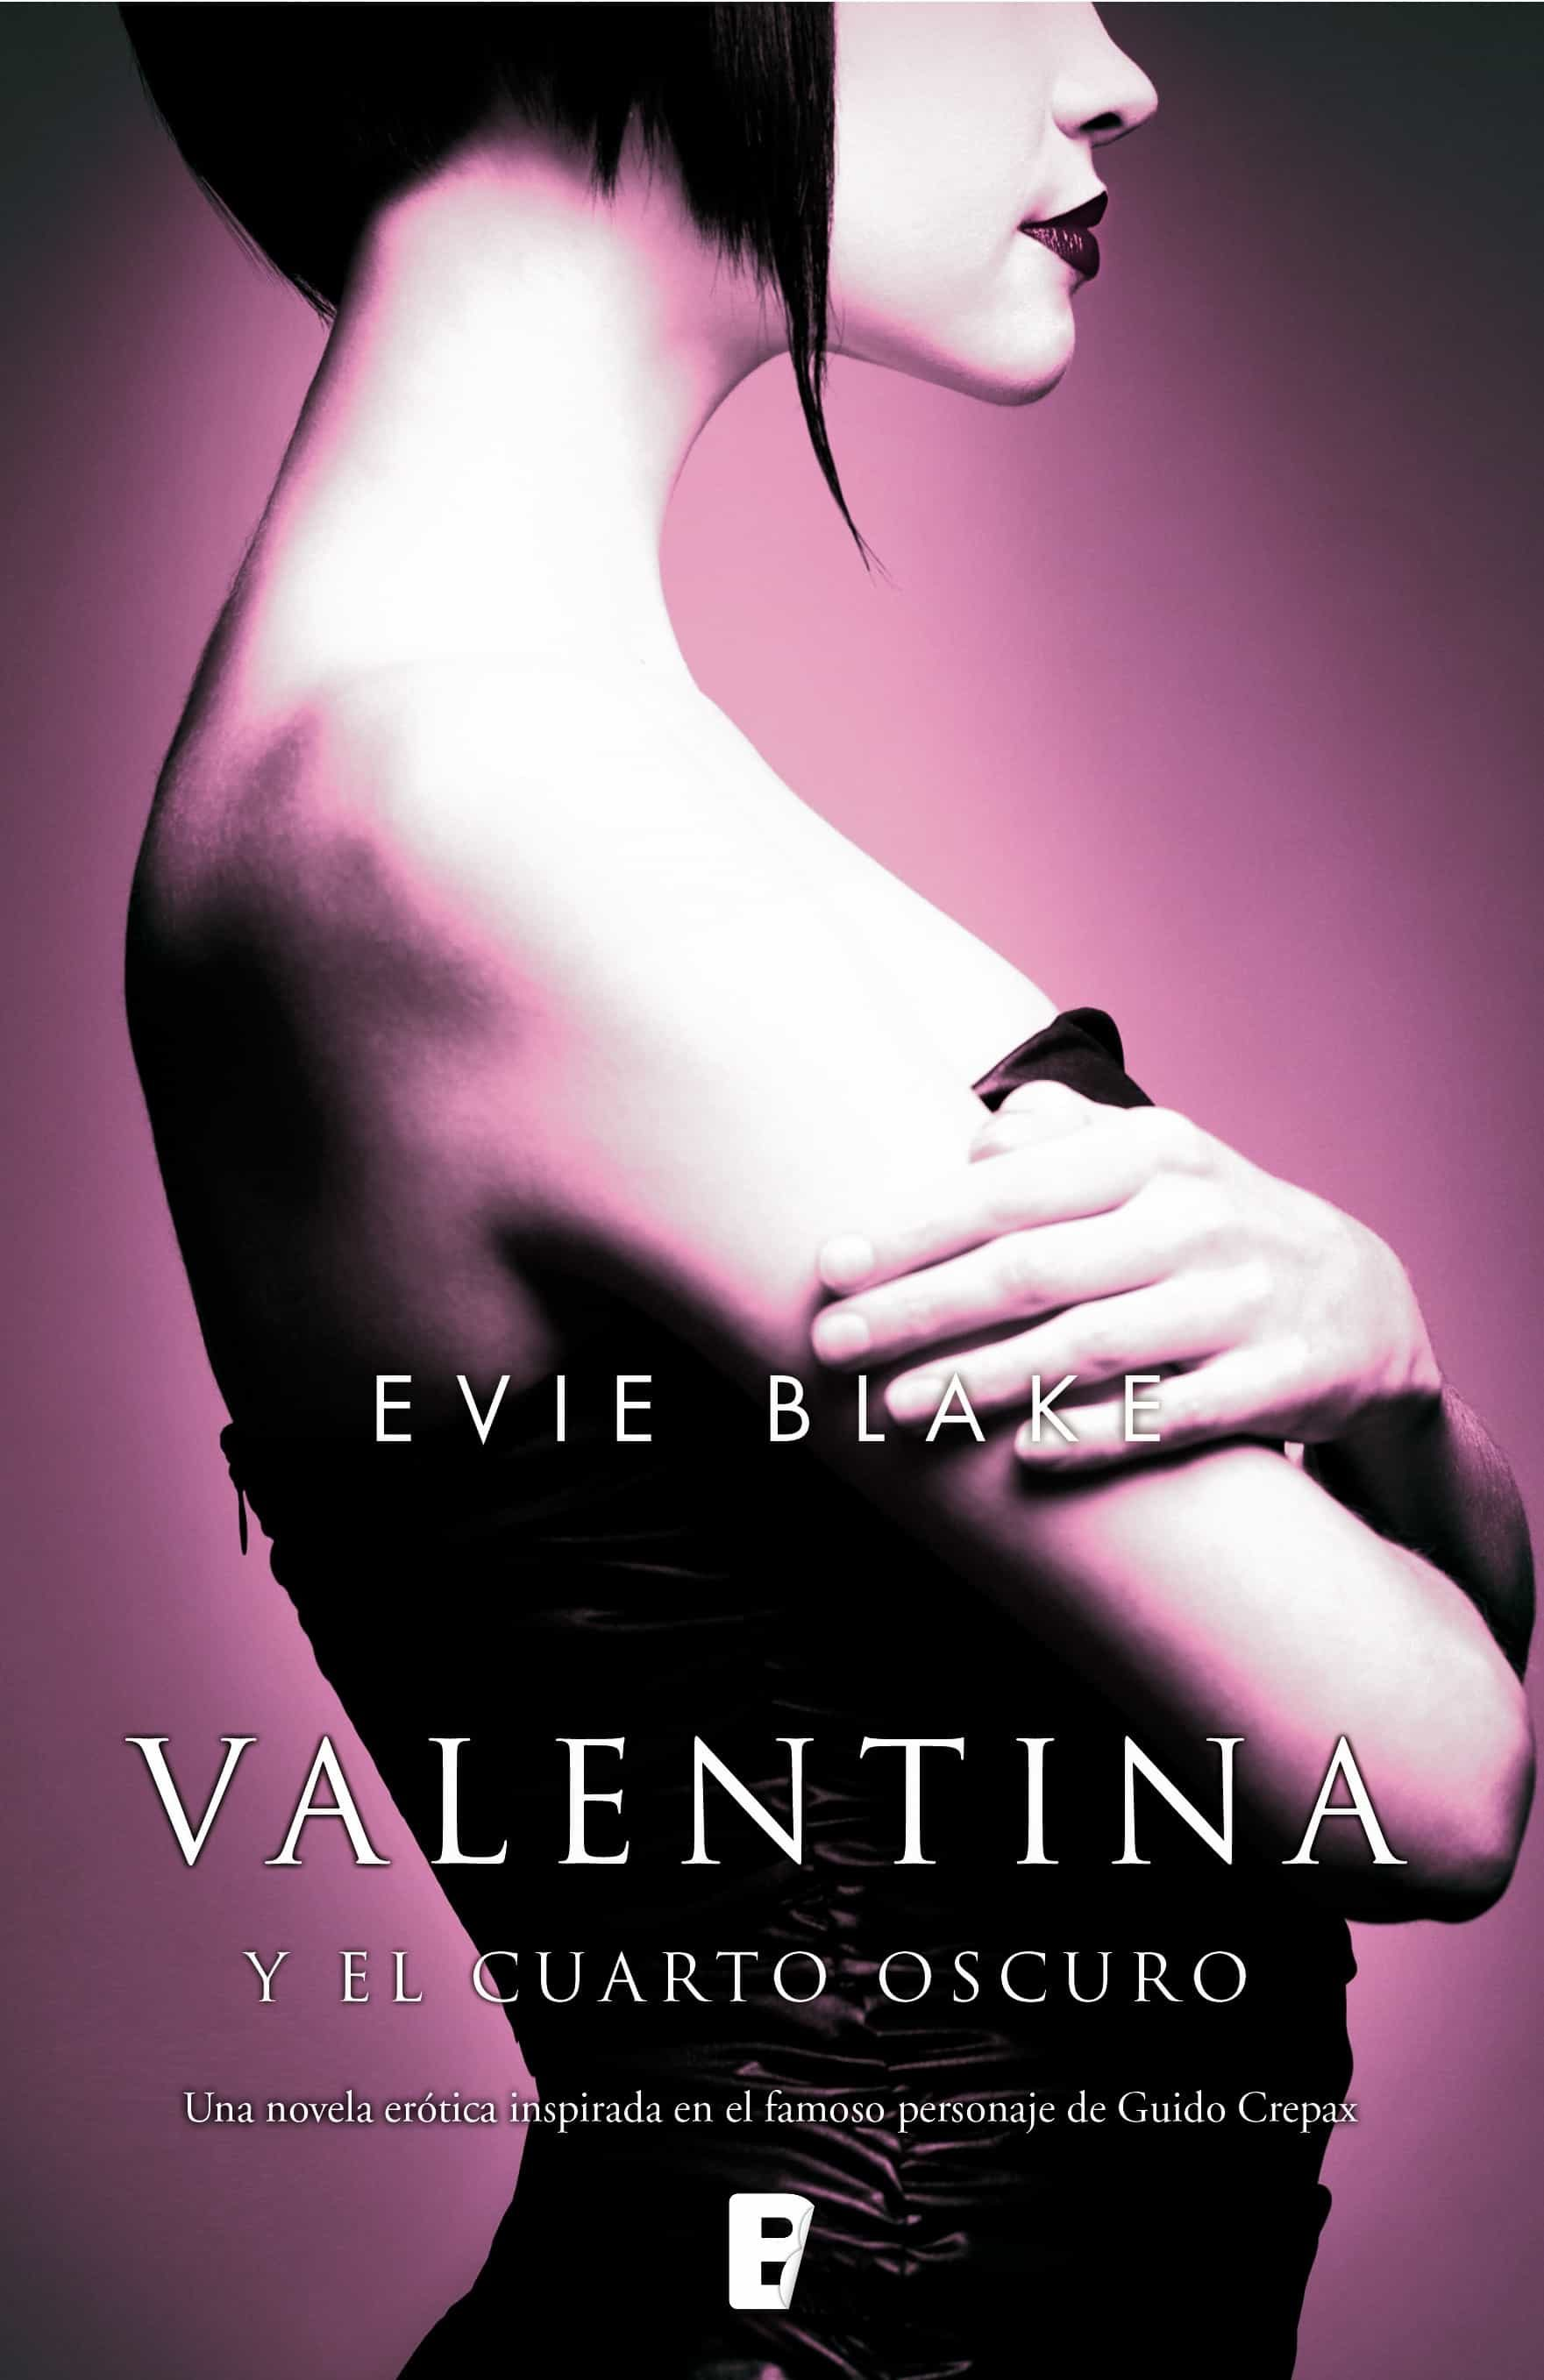 Valentina Y El Cuarto Oscuro (ebook) · Ebooks · El Corte Inglés